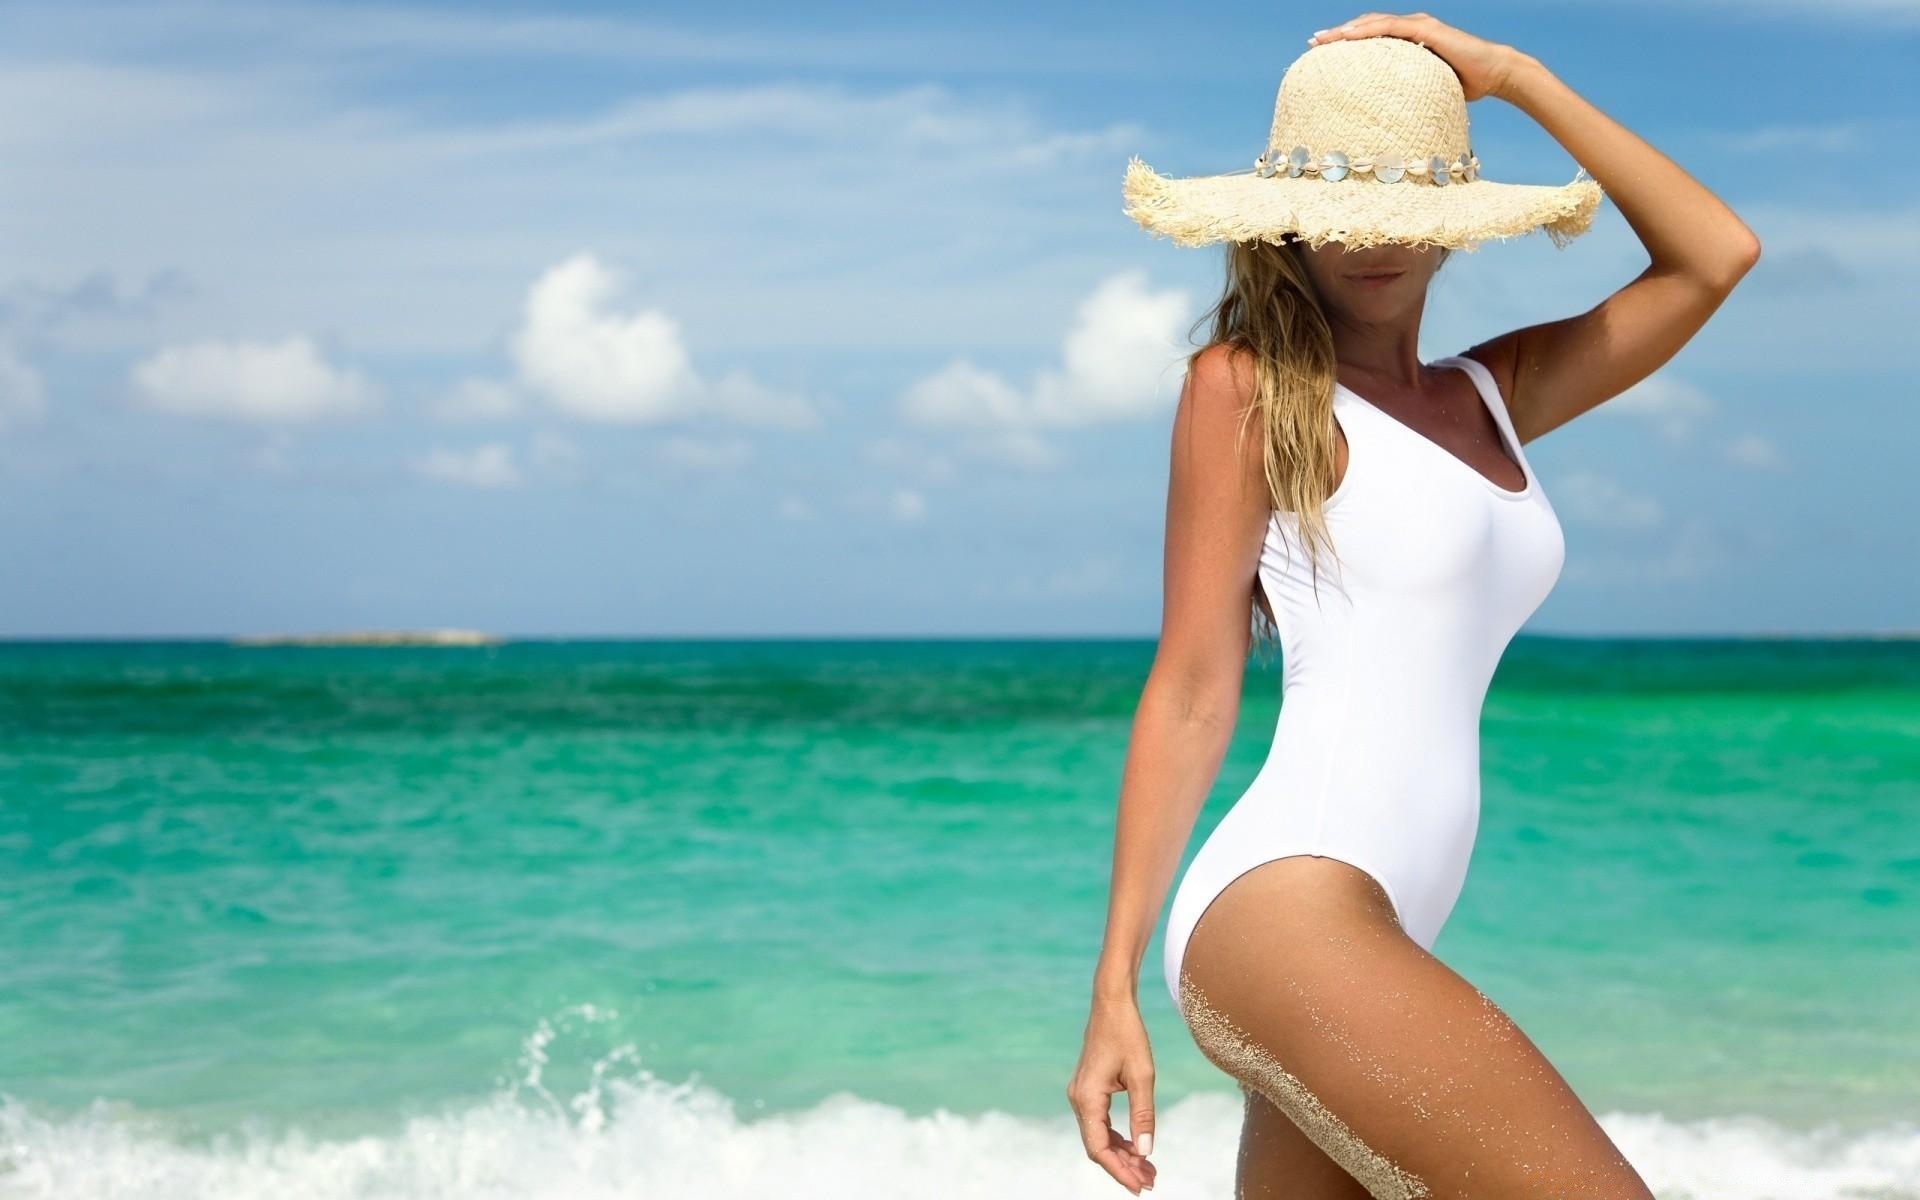 Смотреть фото женщины в купальниках на море, Девушки в прозрачных купальниках на пляже 11 фотография